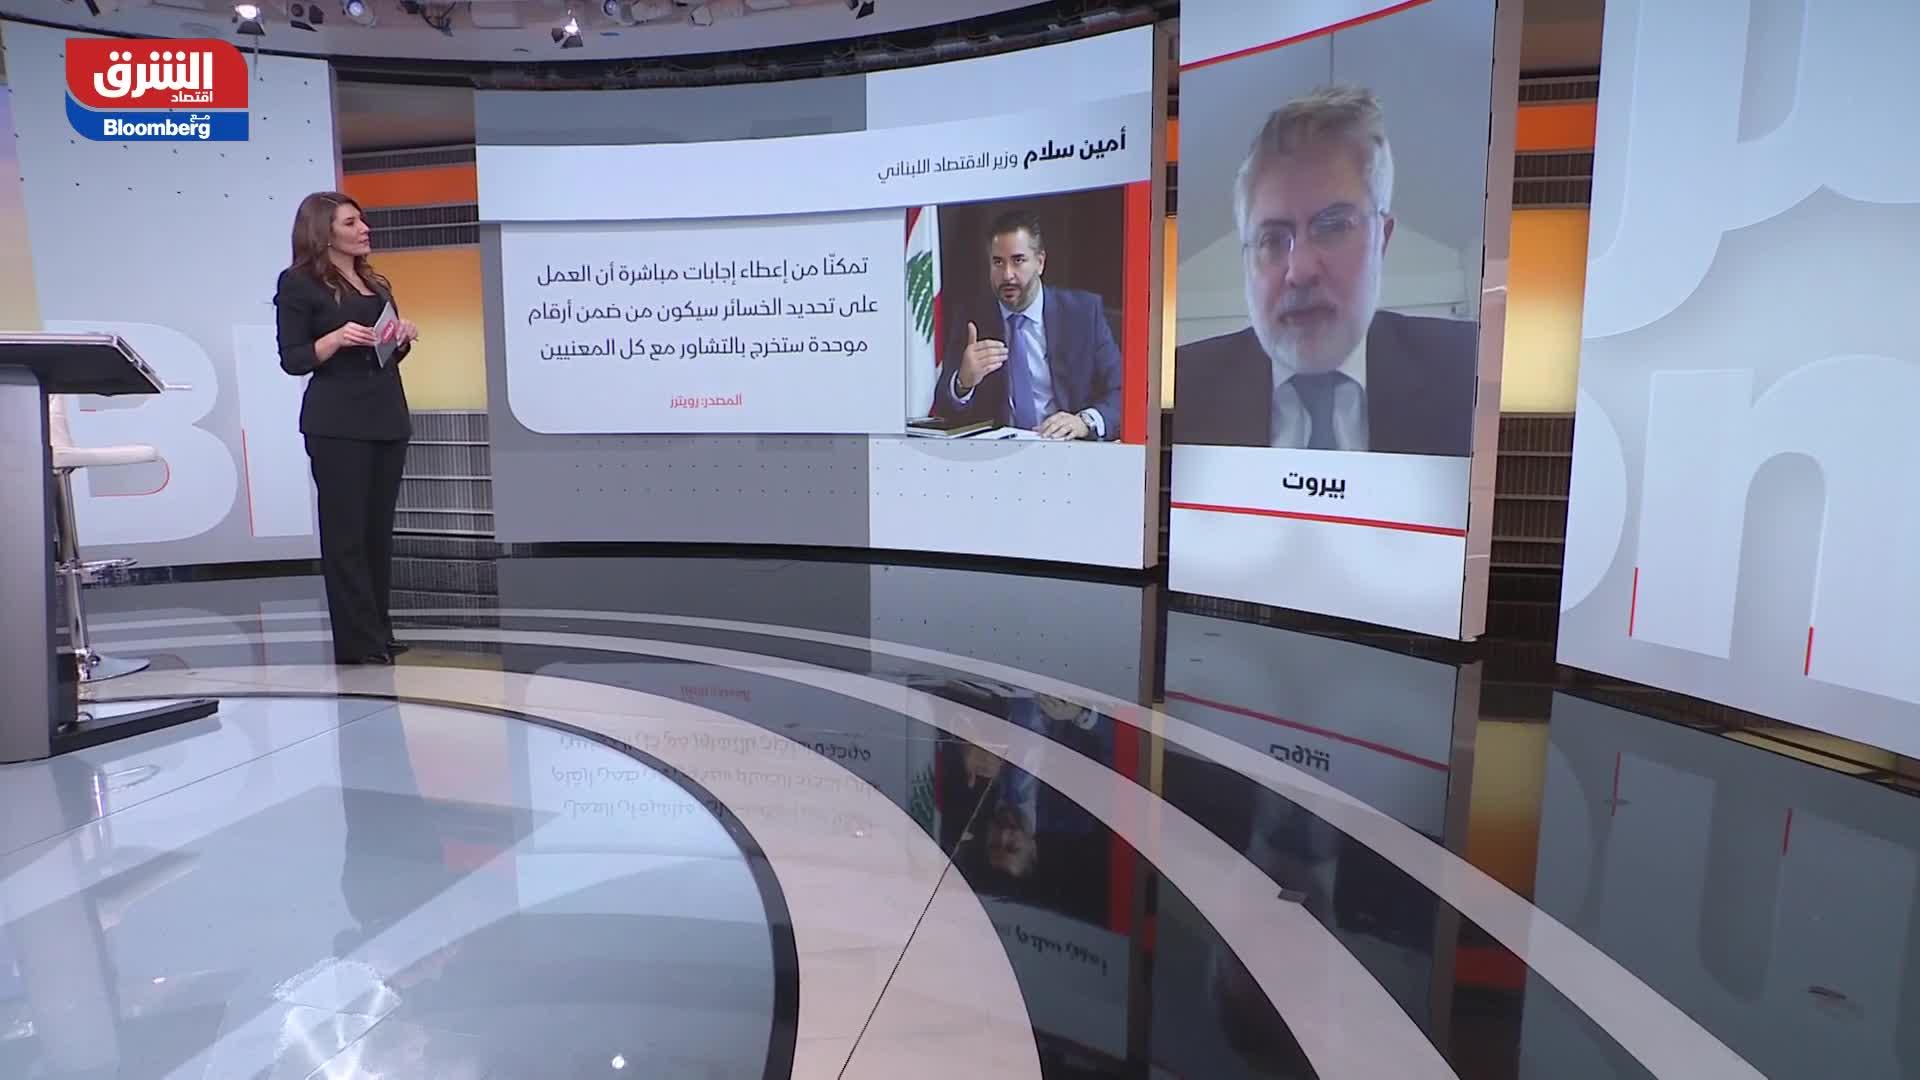 """هل يمكن أن تتوصل """"لبنان"""" إلى اتفاق مع صندوق النقد الدولي الآن..  ولماذا ؟"""